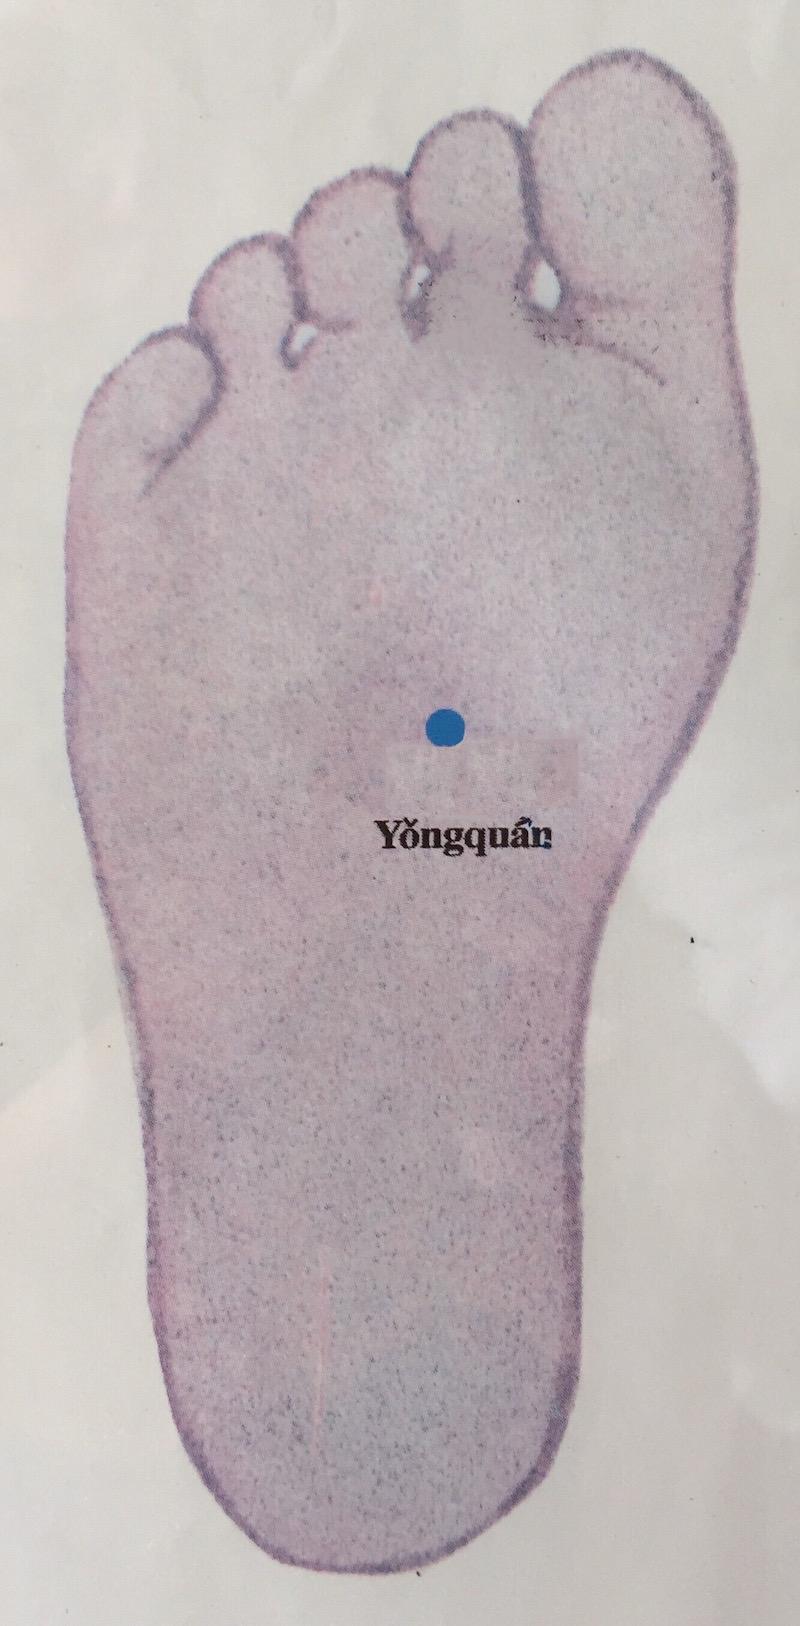 Yongquan (Niere 1)